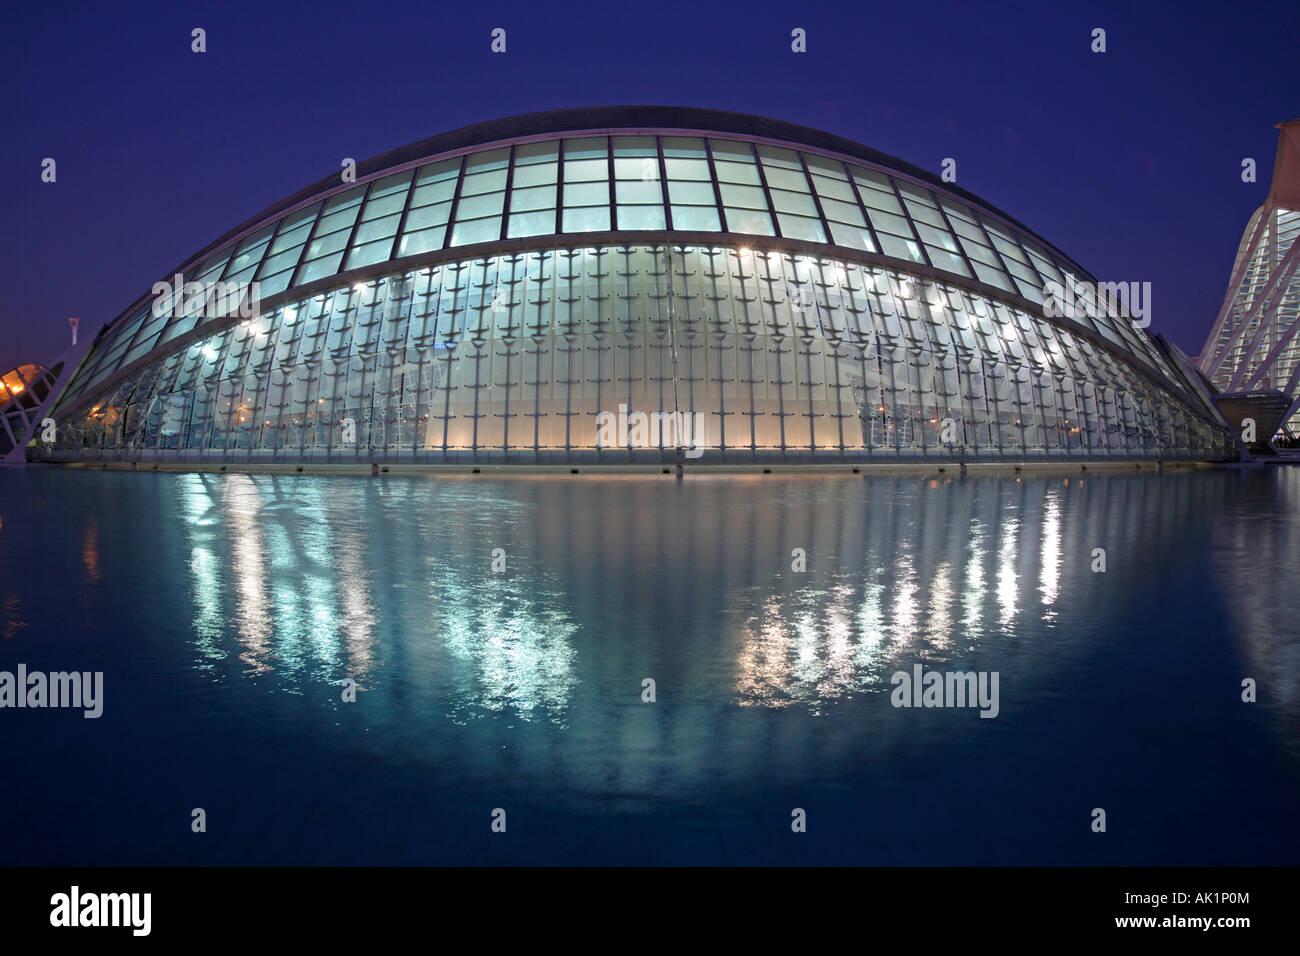 Hemisférico, Cidade das Artes e das Ciências de Valência, Espanha Imagens de Stock